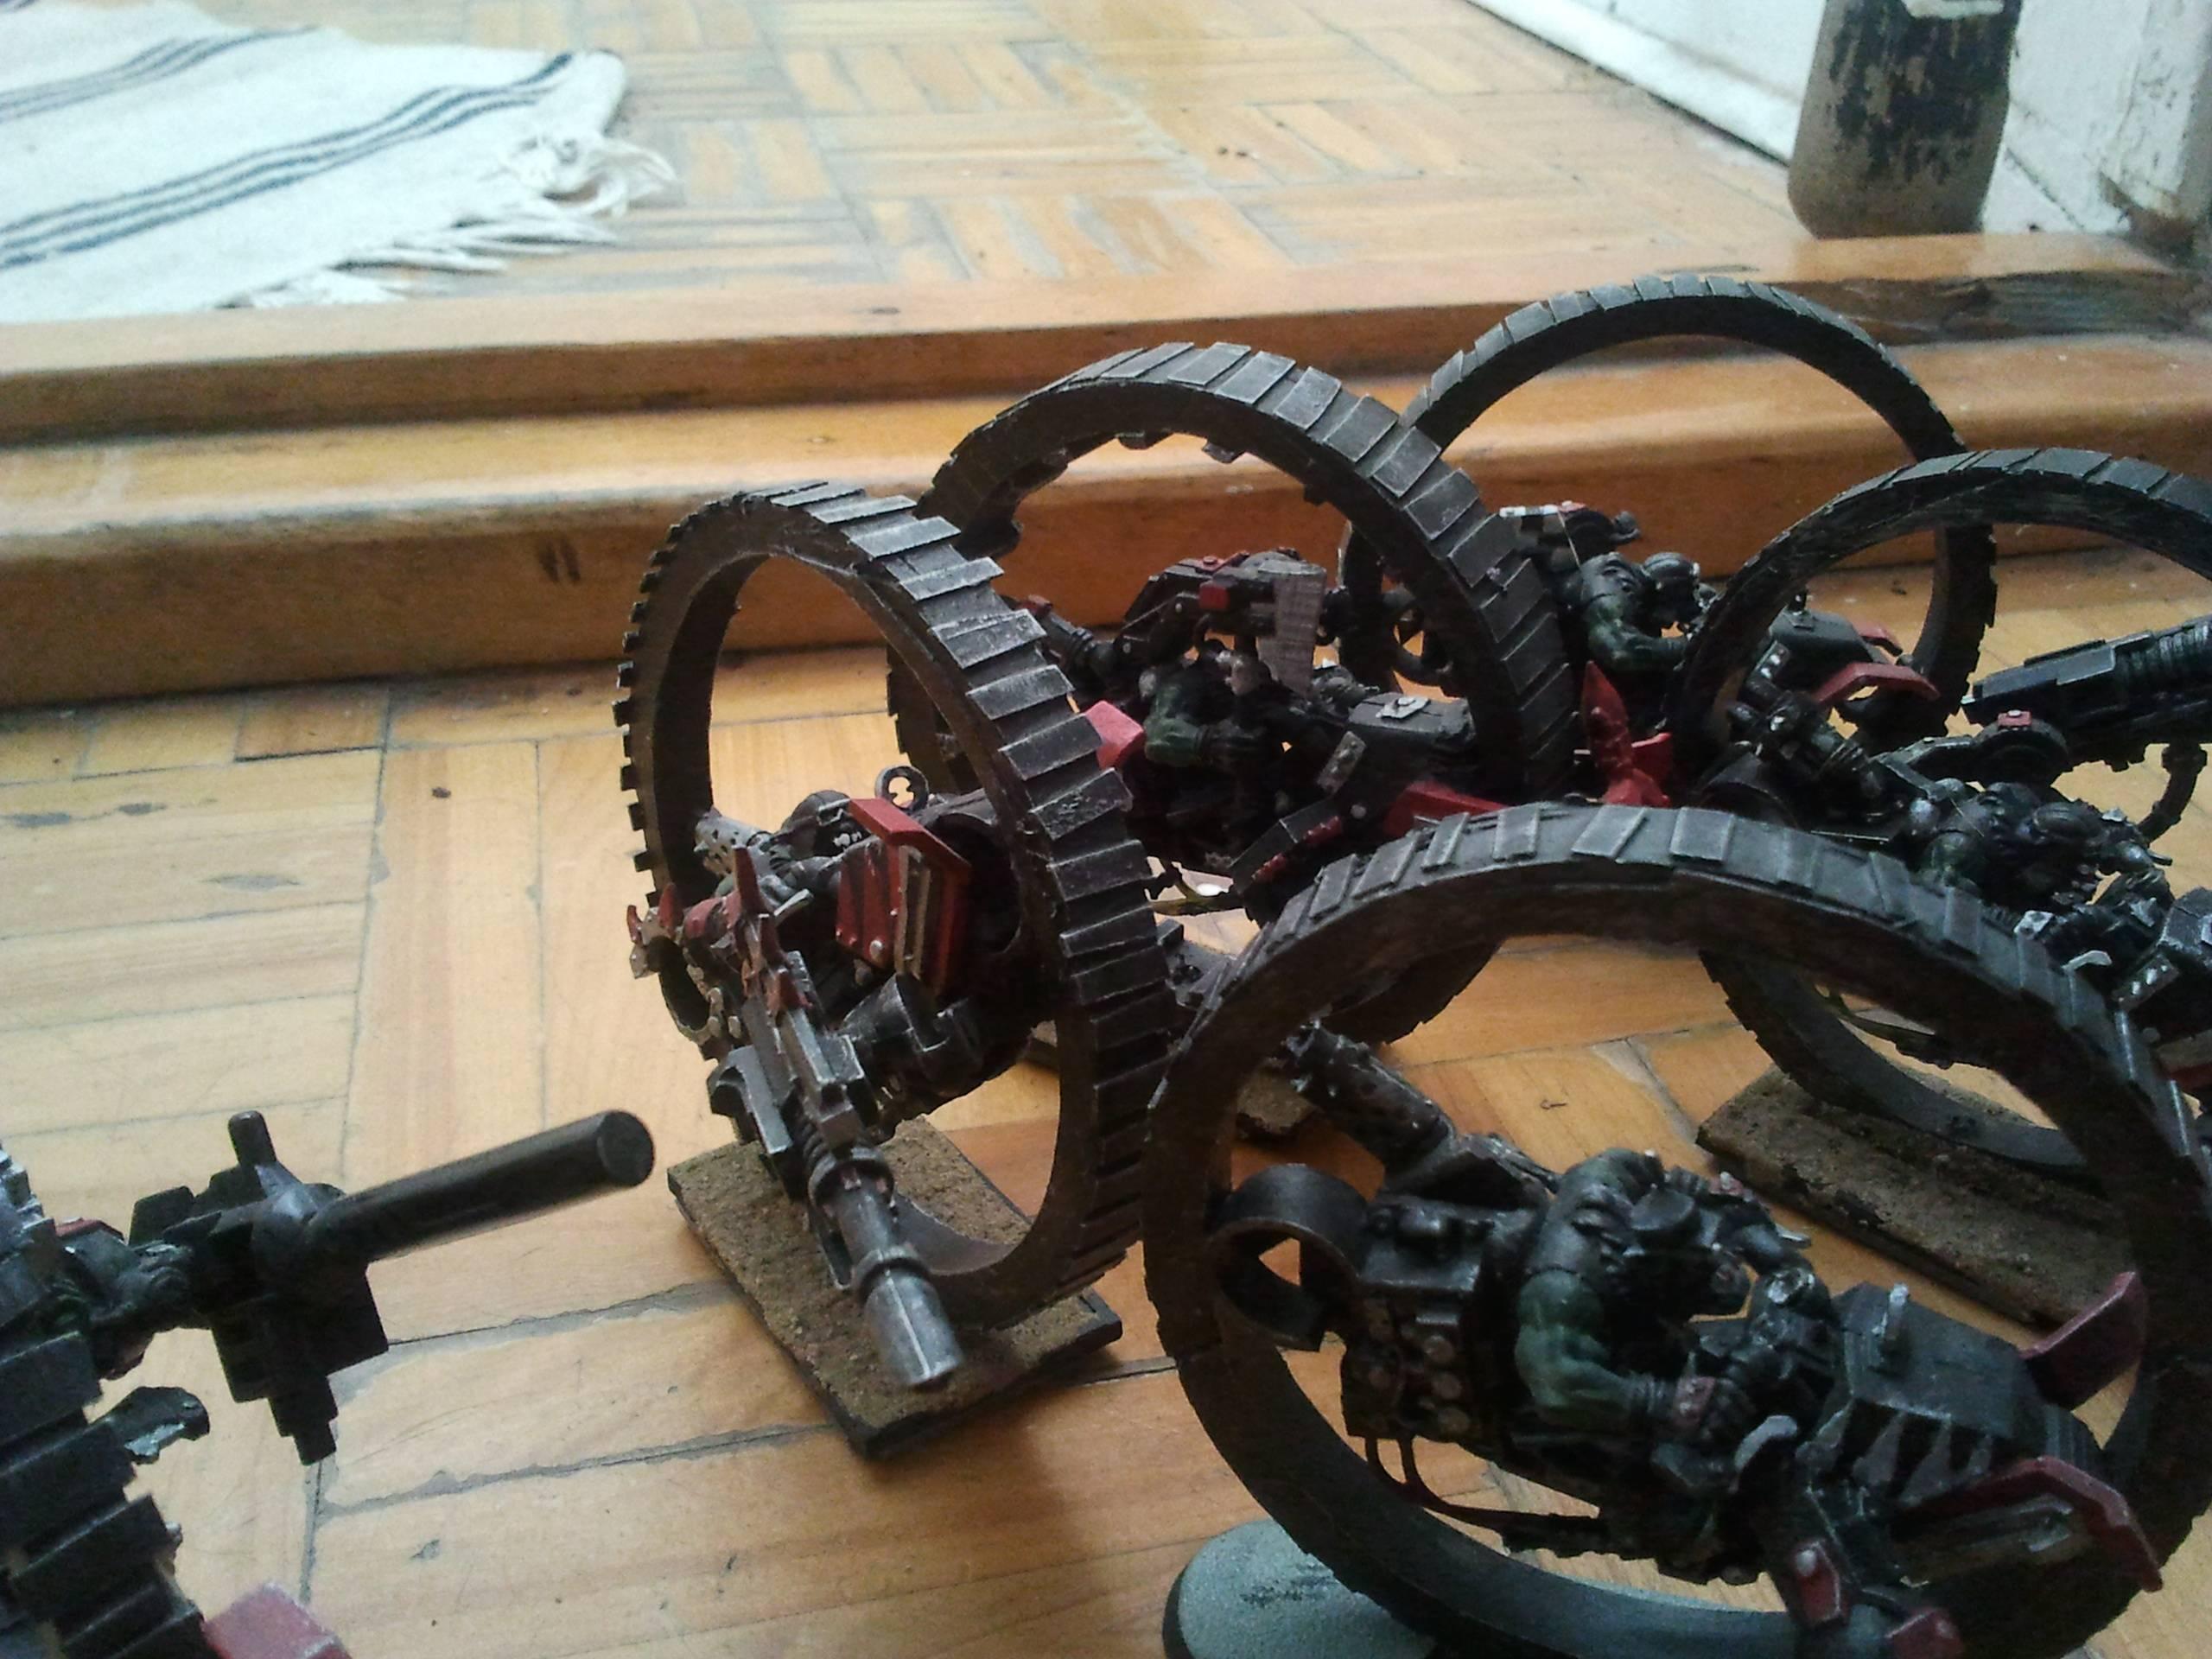 Bike, Conversion, Nob, Orks